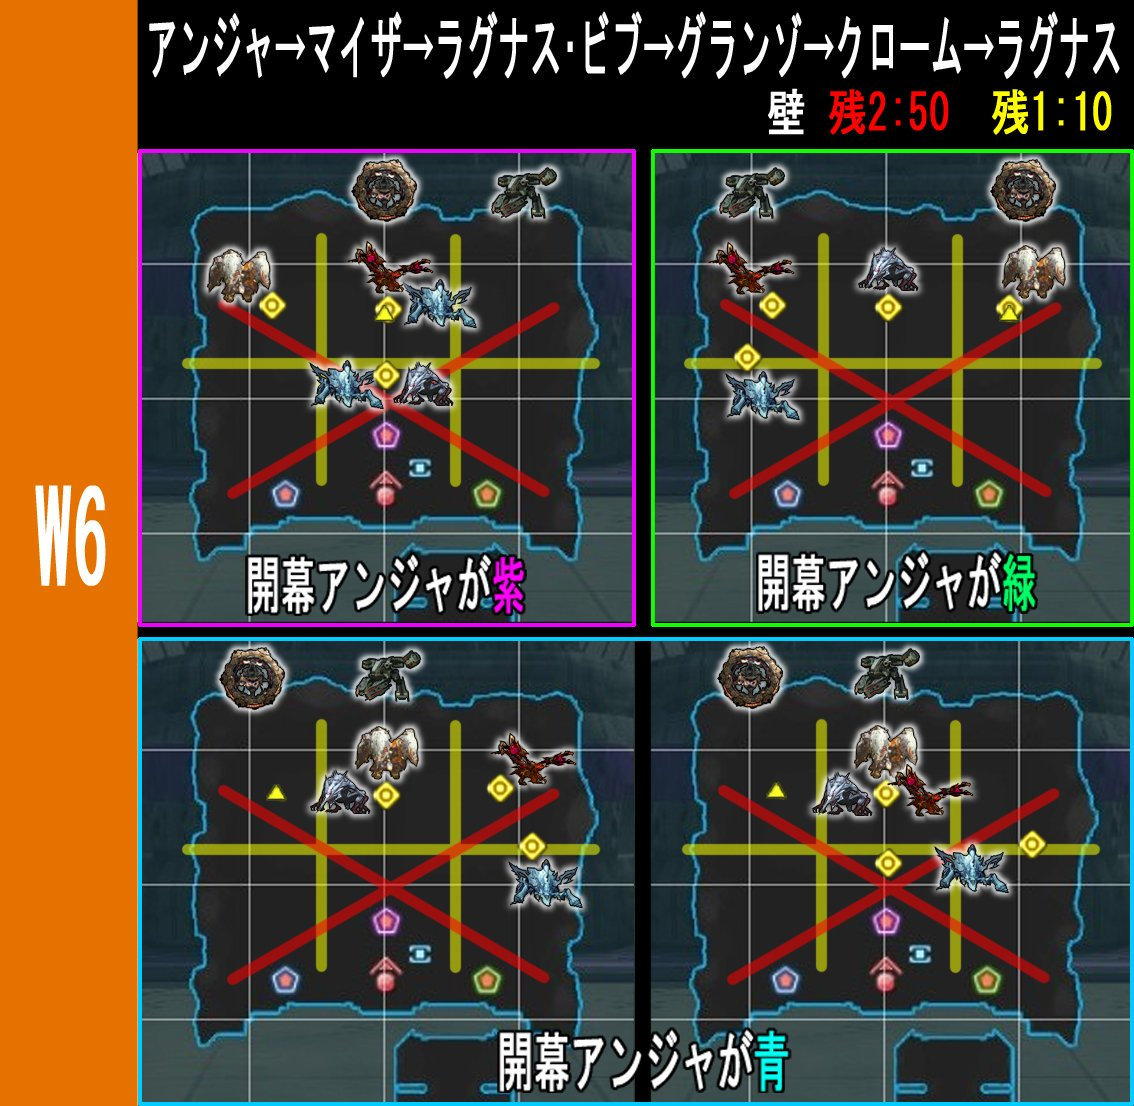 C7-uDxQU8AE--No.jpg